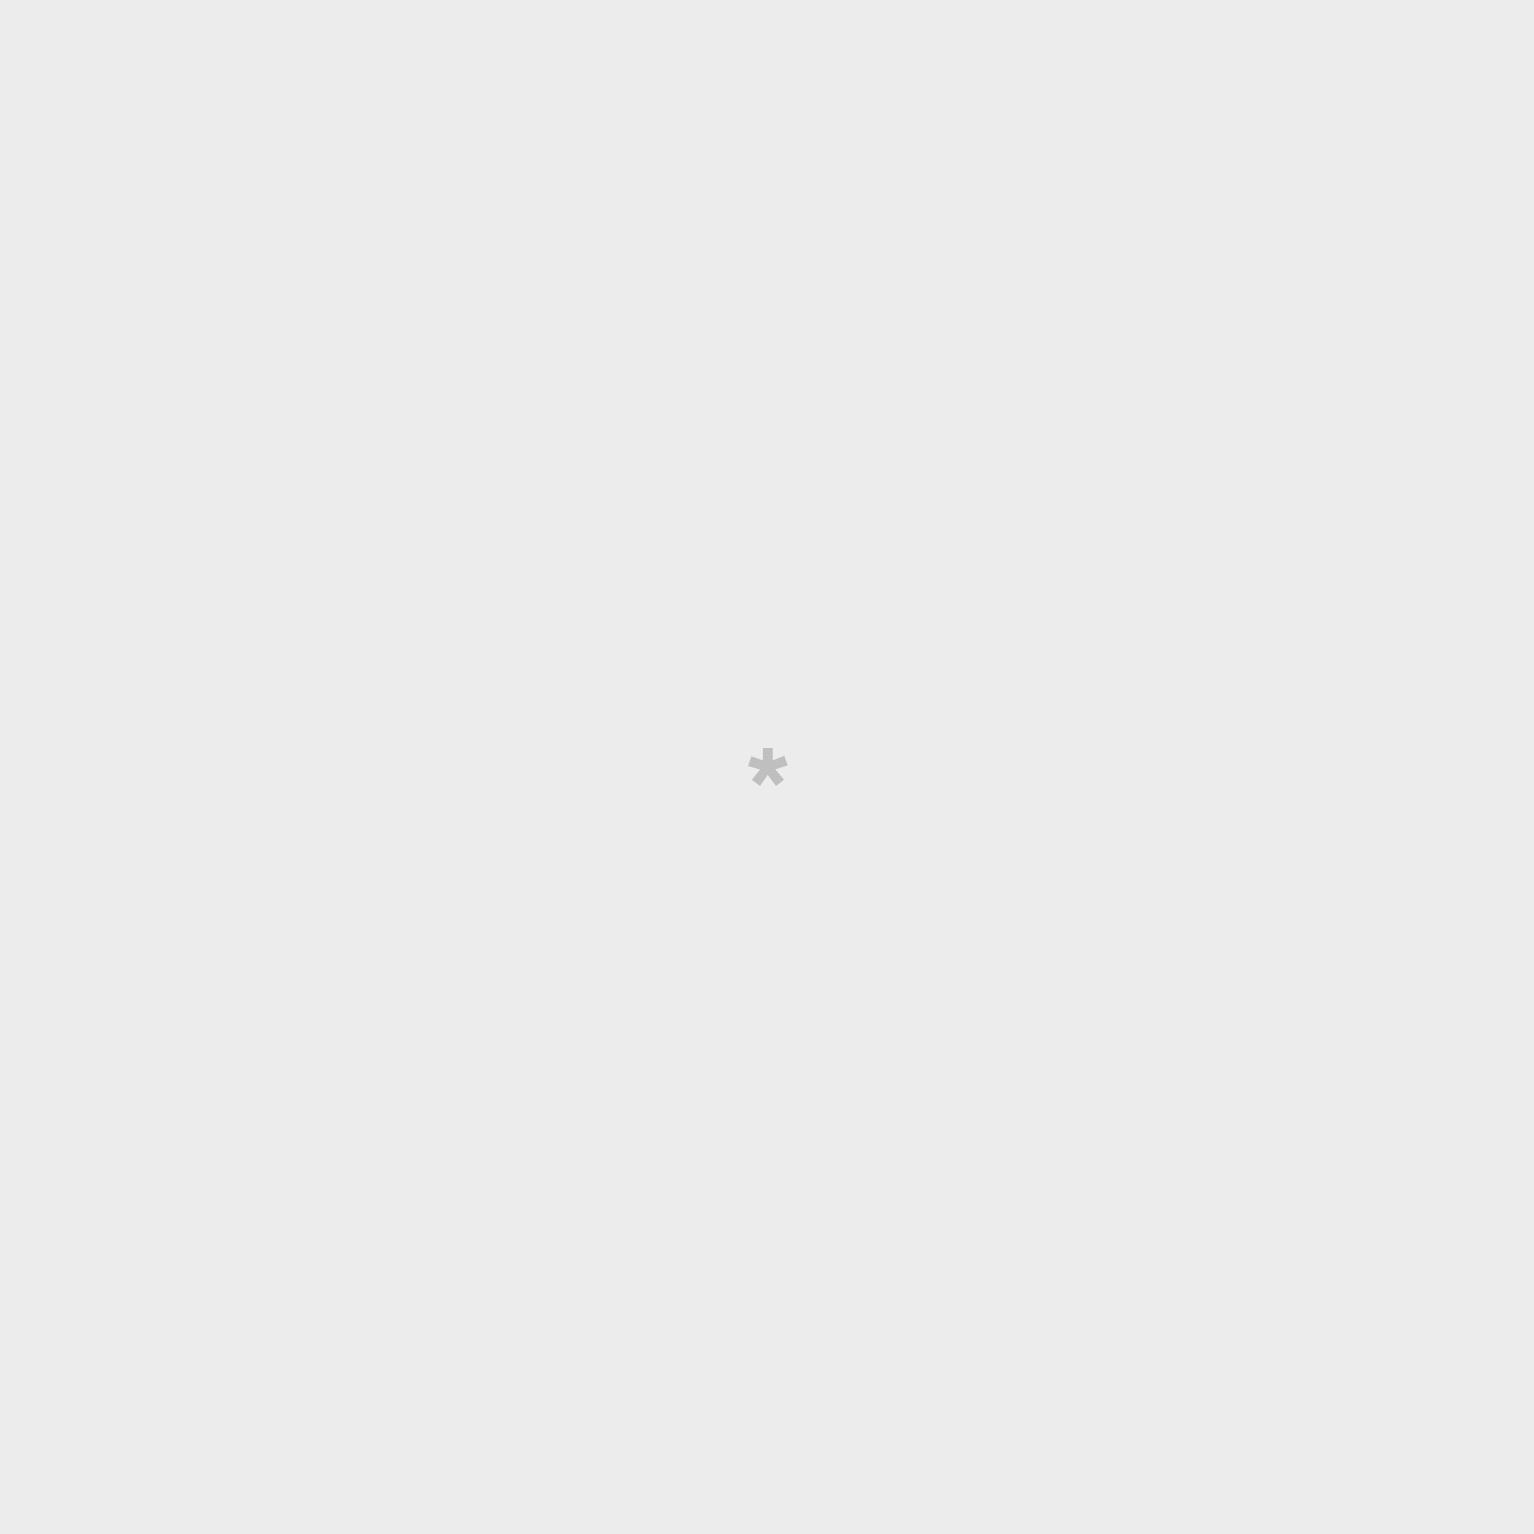 Mug - Goûtons l'instant présent, cheveux au vent (FR)